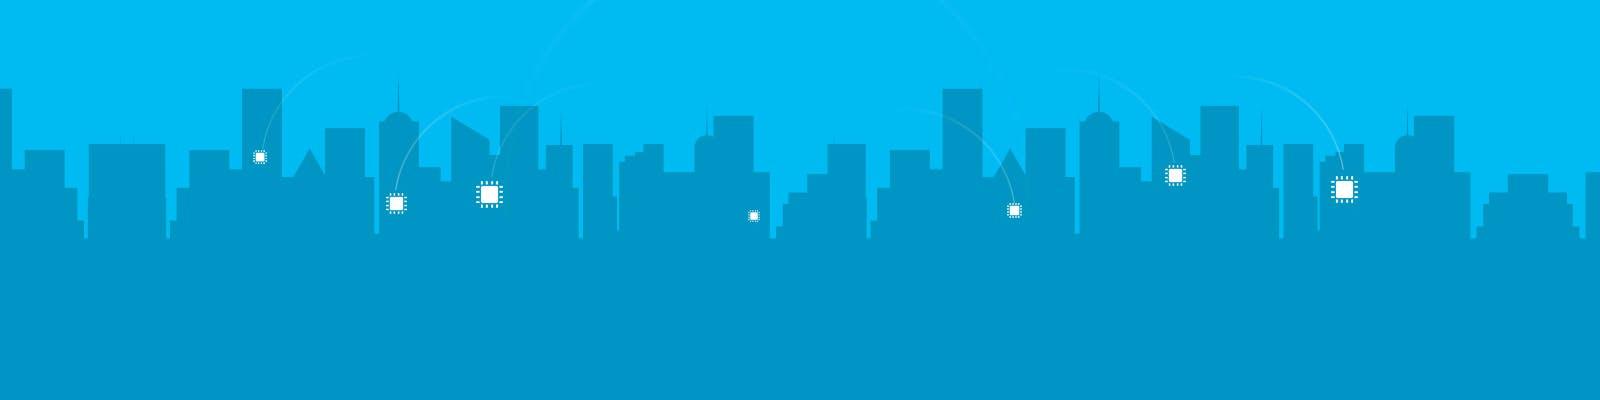 Microsoft Azure: Building The Enterprise IoT Cloud!